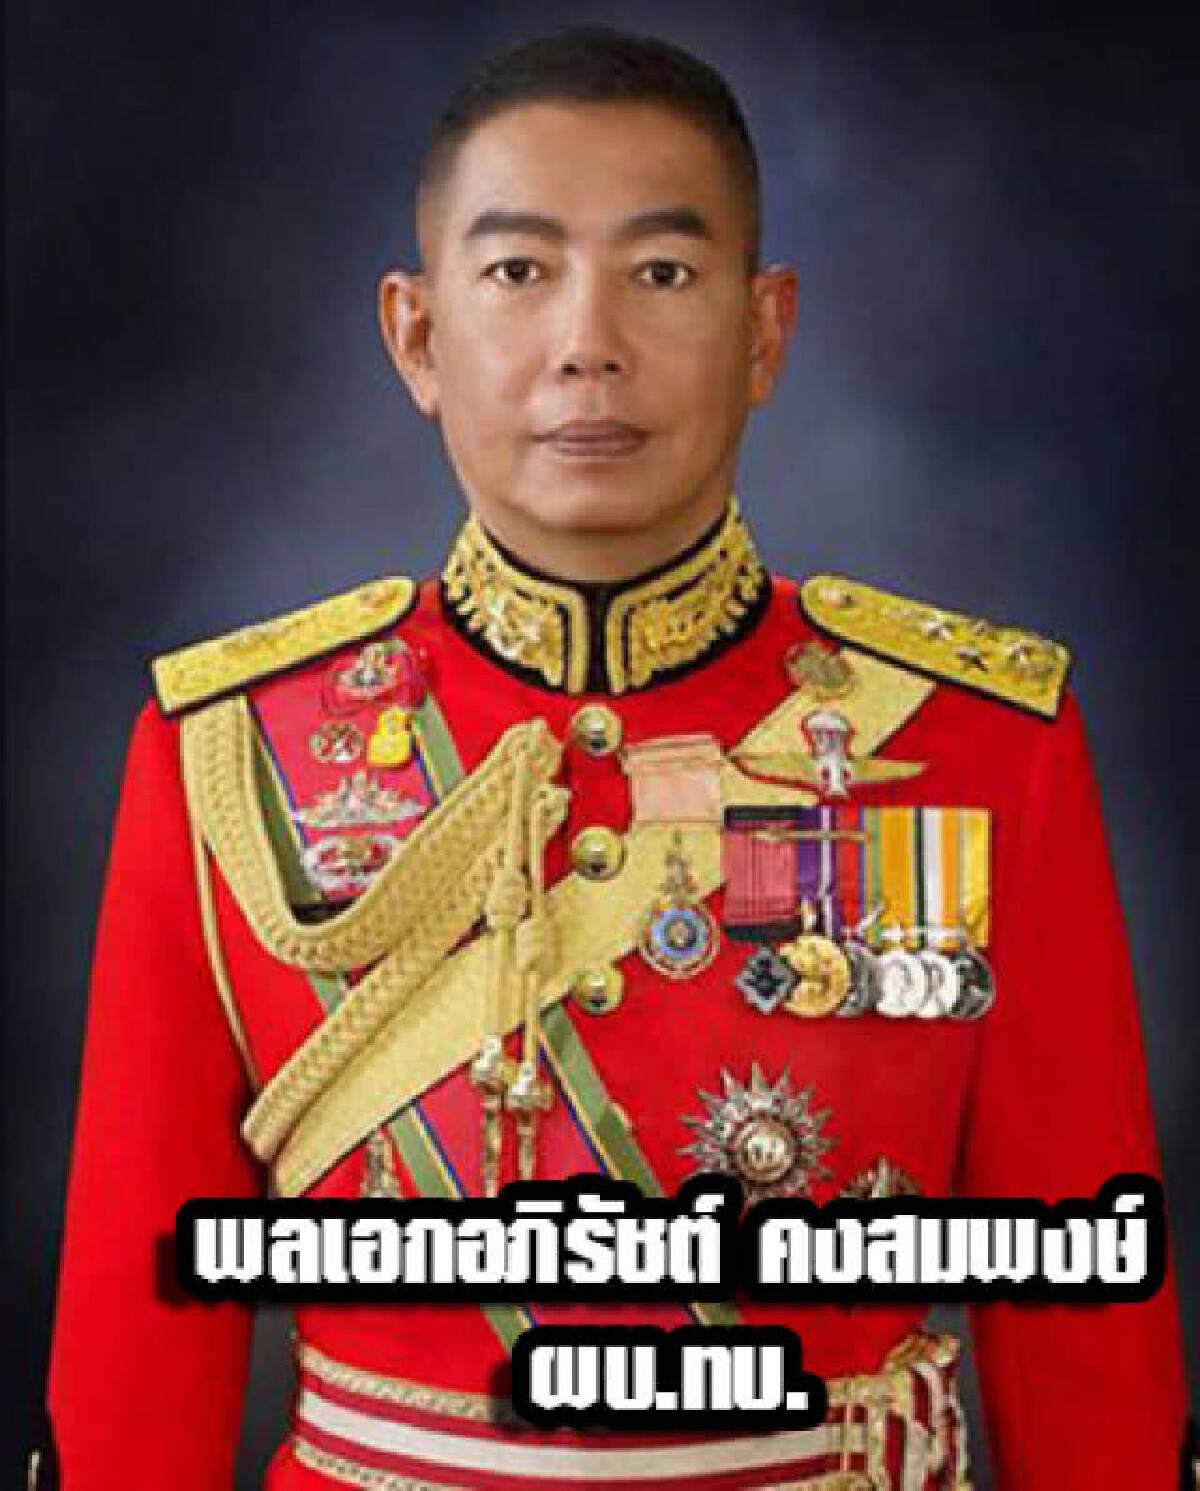 โปรดเกล้าฯ แต่งตั้งนายทหารประจำปี 61